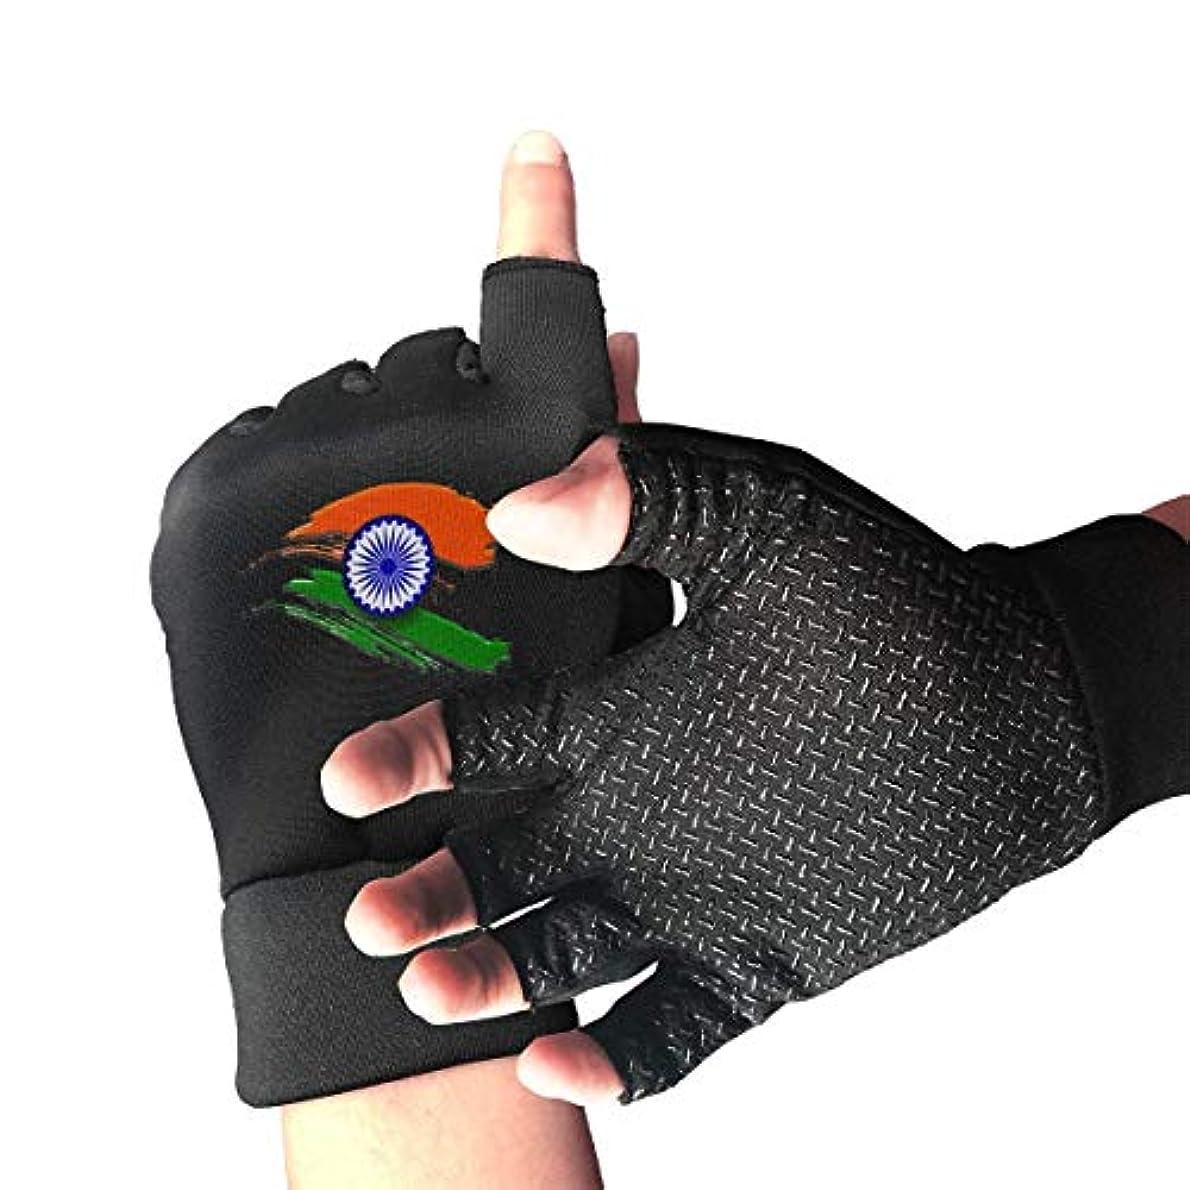 化合物宅配便回転インドの国旗共和国記念日フィンガーレス/ハーフフィンガーグローブ自転車用グローブ/サイクリングマウンテン用グローブ/オートバイ手袋滑り止め衝撃吸収通気性メンズ/レディースグローブ